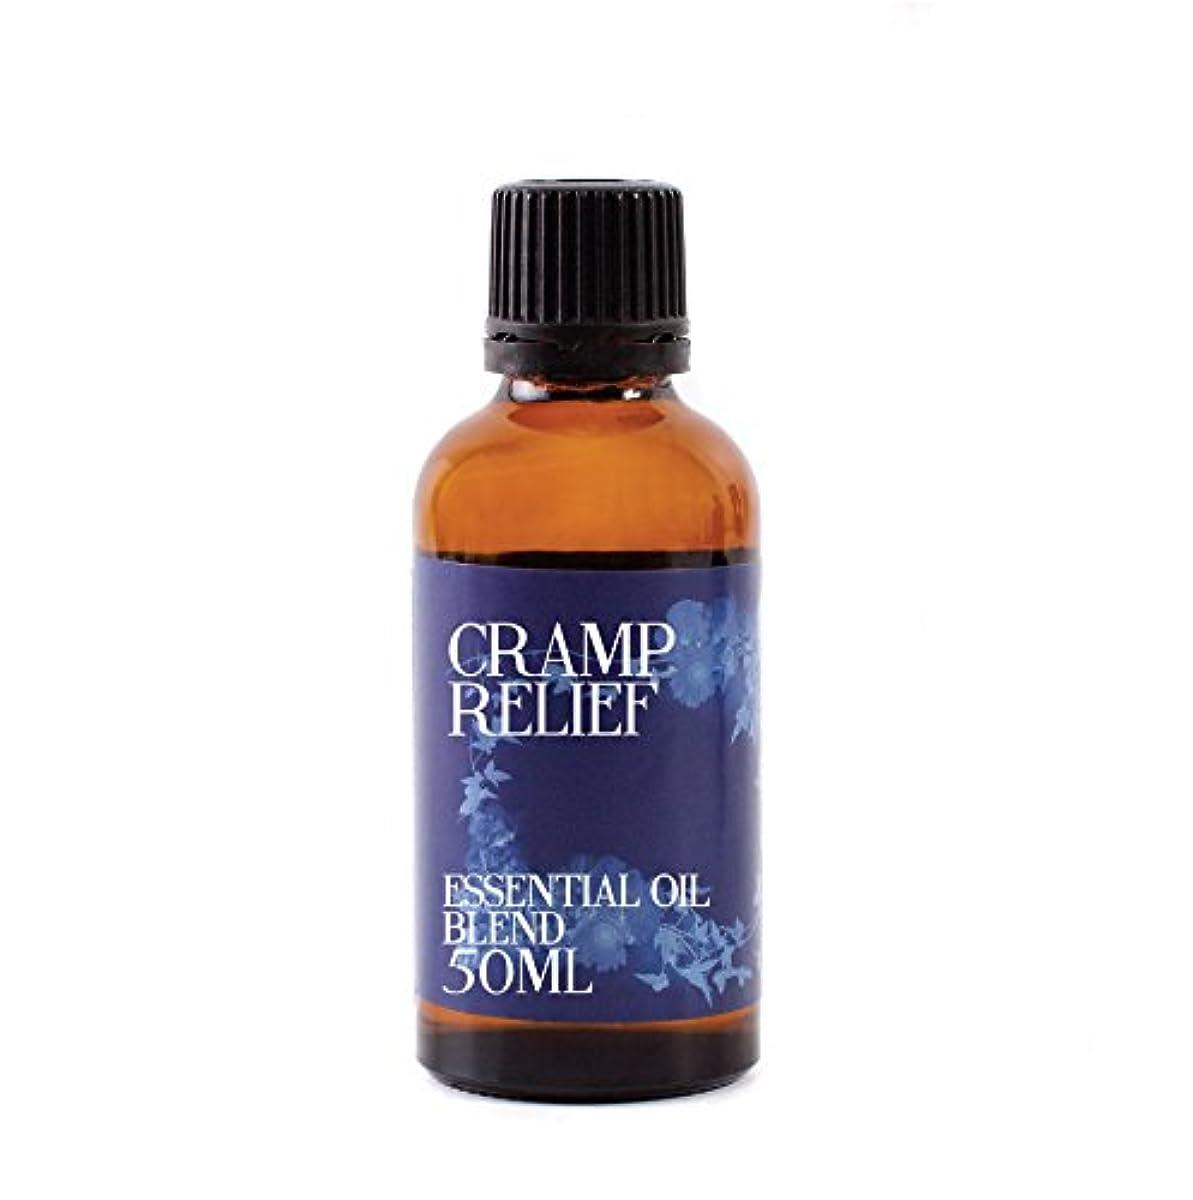 ランドマーク分解する準備するMystix London | Cramp Relief Essential Oil Blend - 50ml - 100% Pure